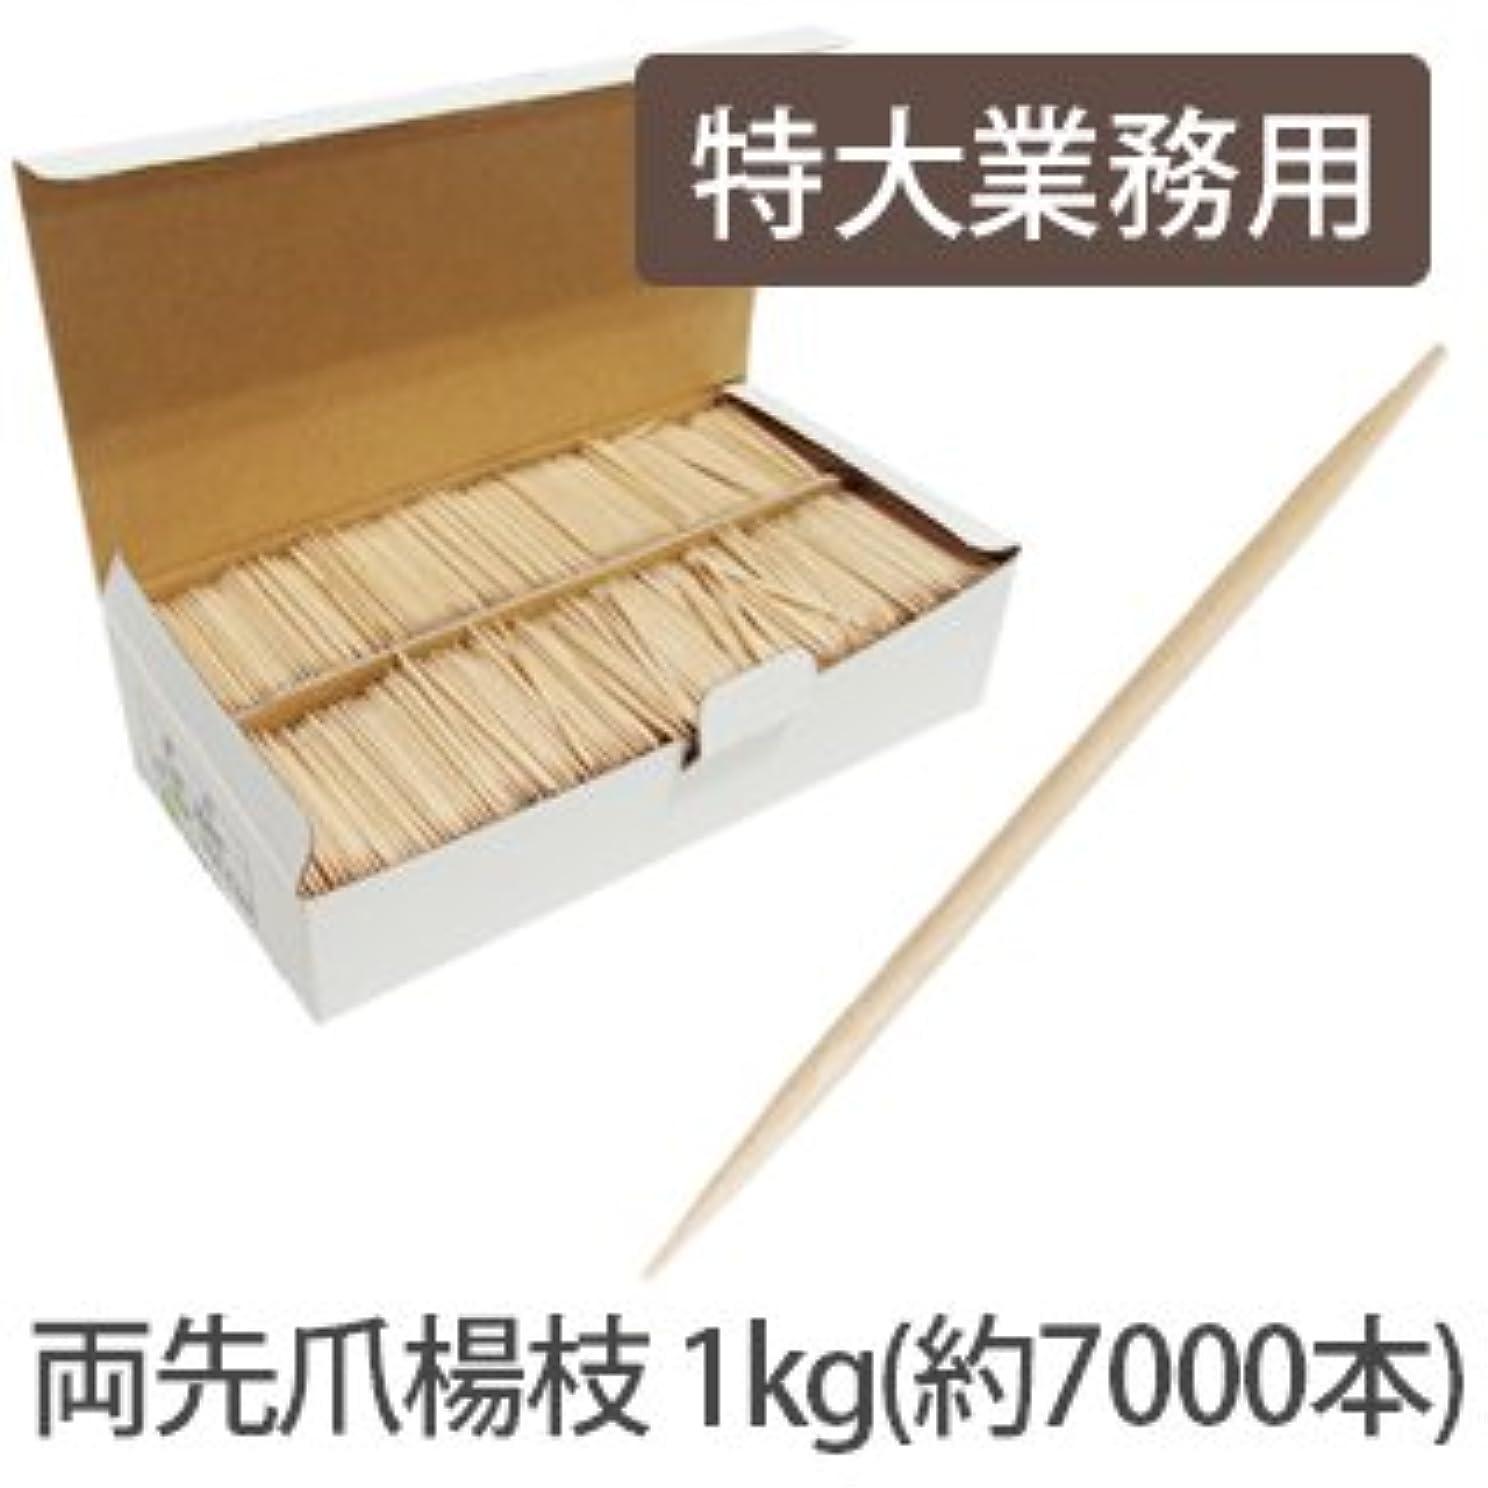 小道具防衛商標美容専門 両先爪楊枝 約7000本 1Kg入 特大業務用